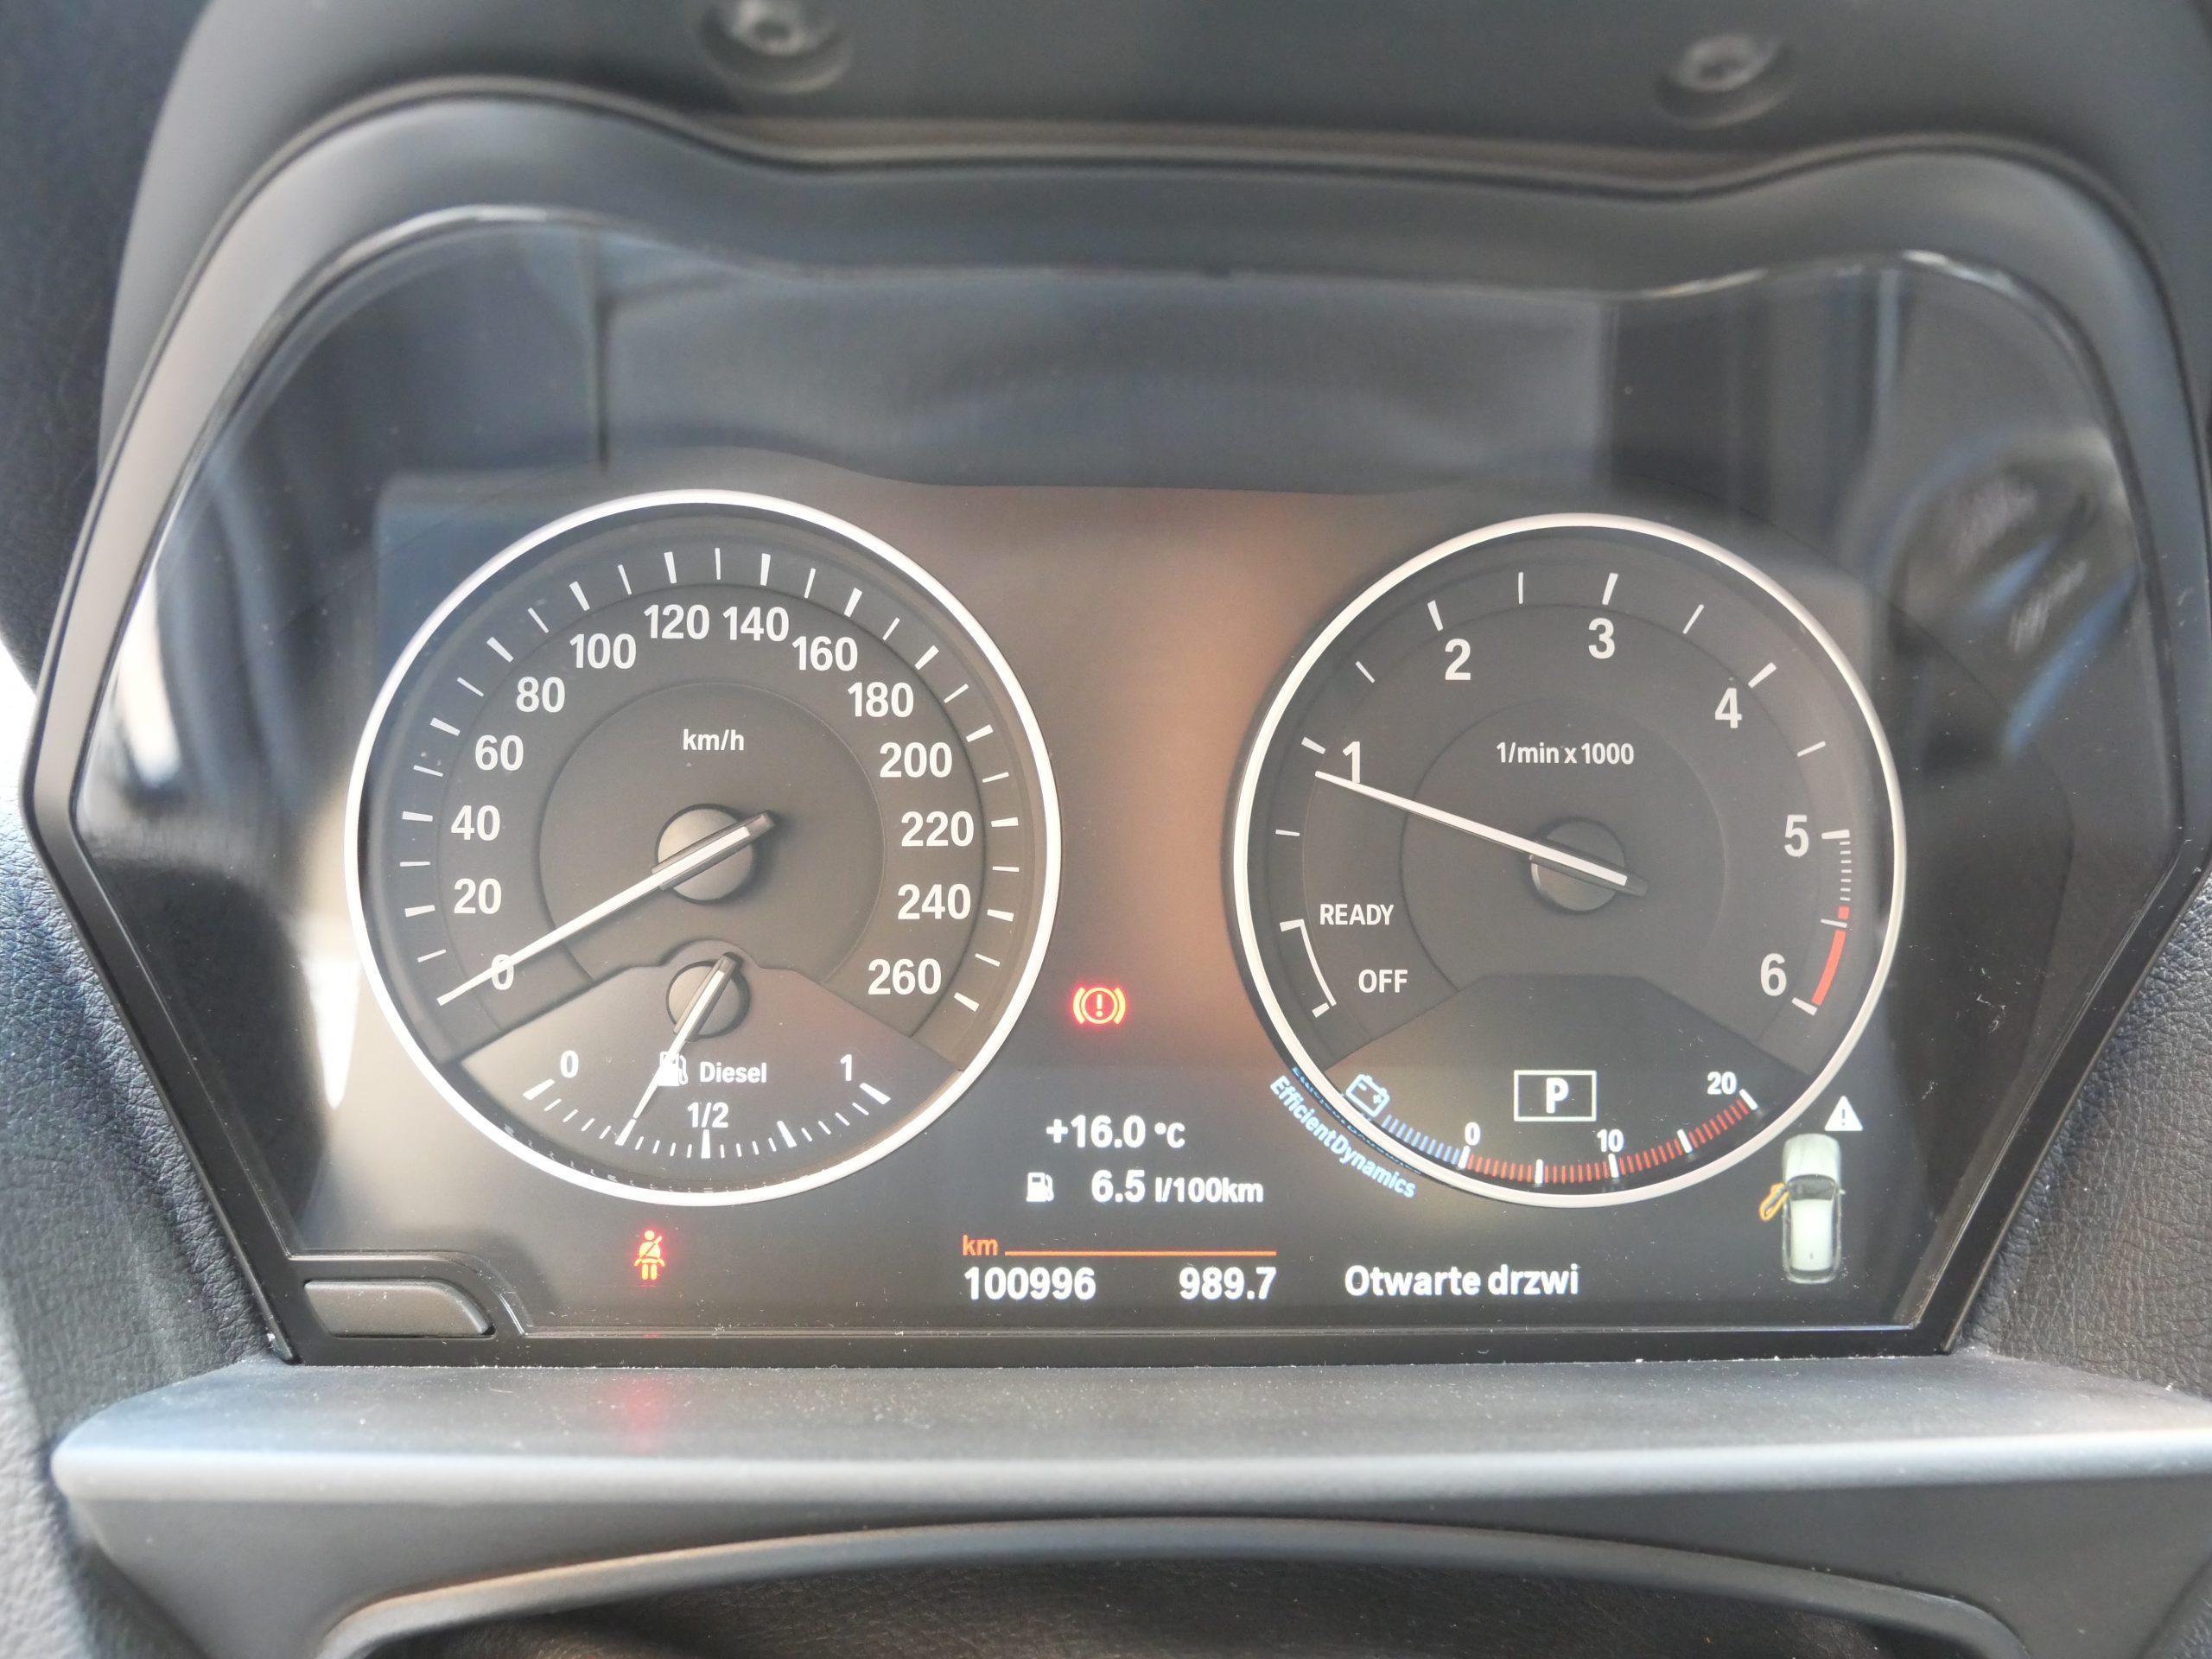 BMW Série 1 (F20) XDrive LCI 120d 2.0 d 190ch 14